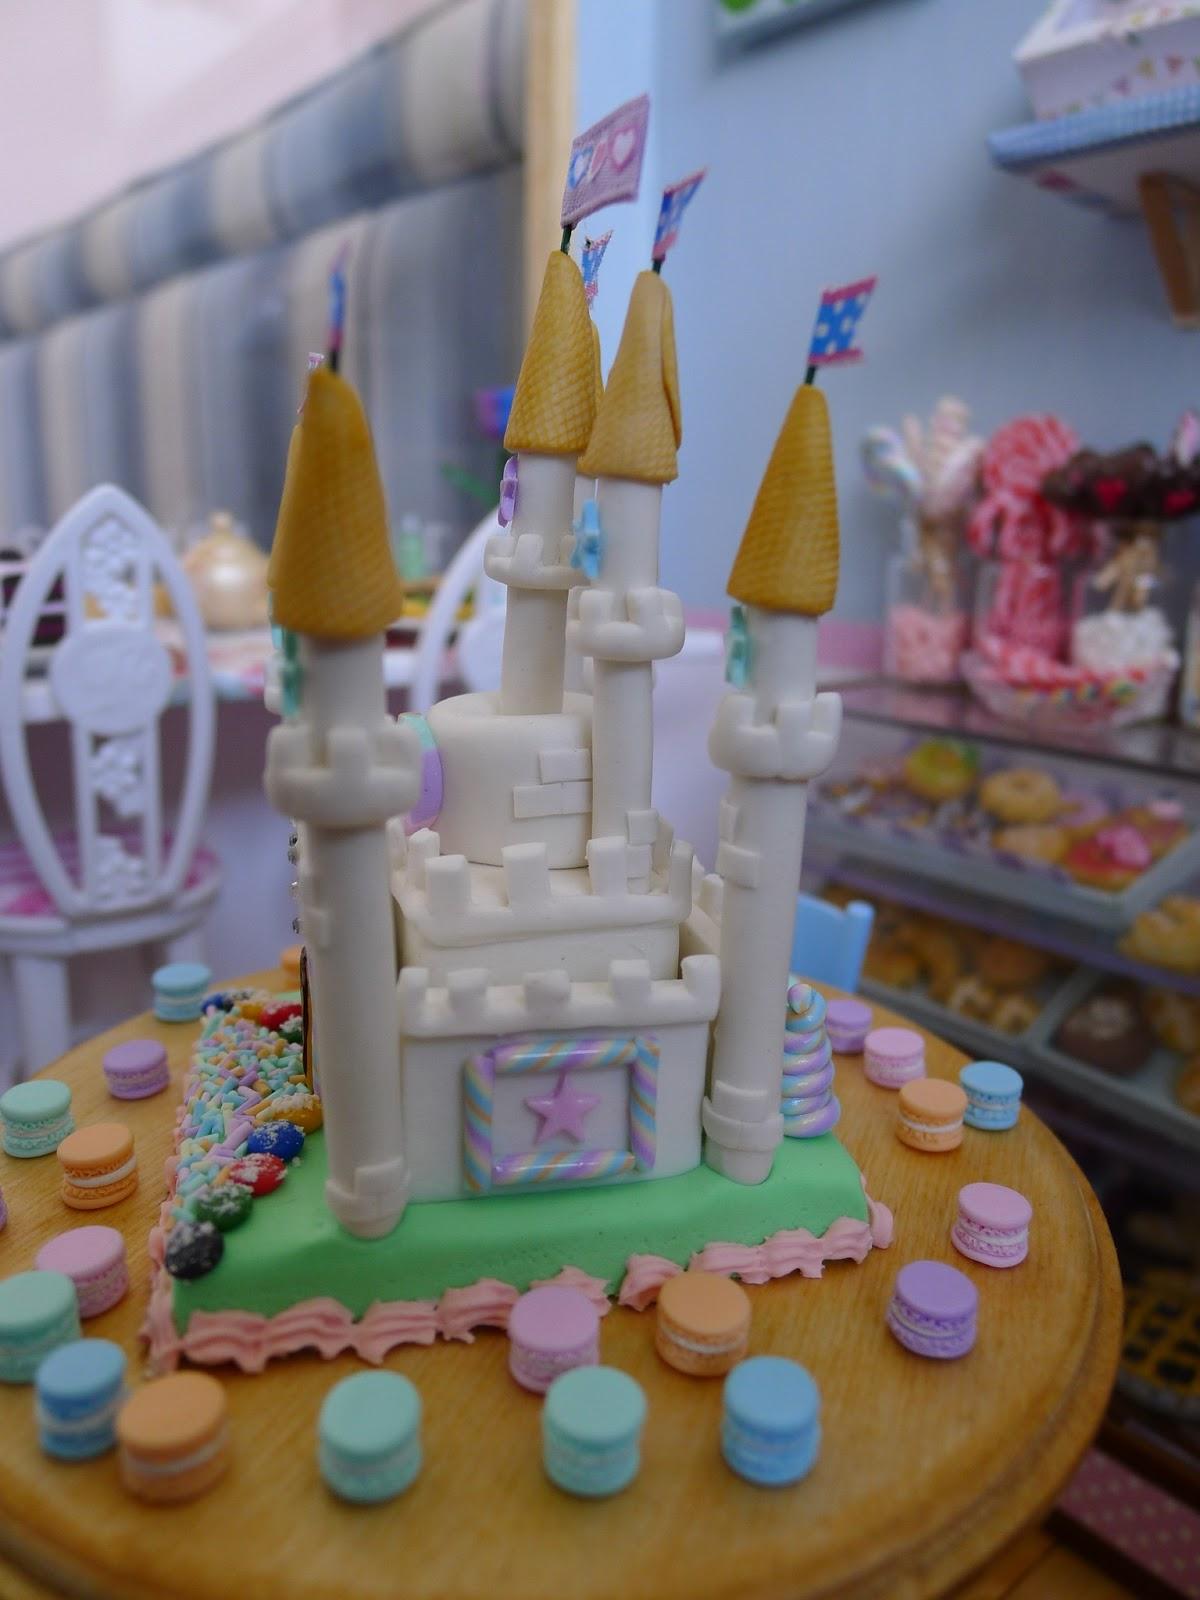 Littlest Sweet Shop New In White Marshmallow Castle Cake